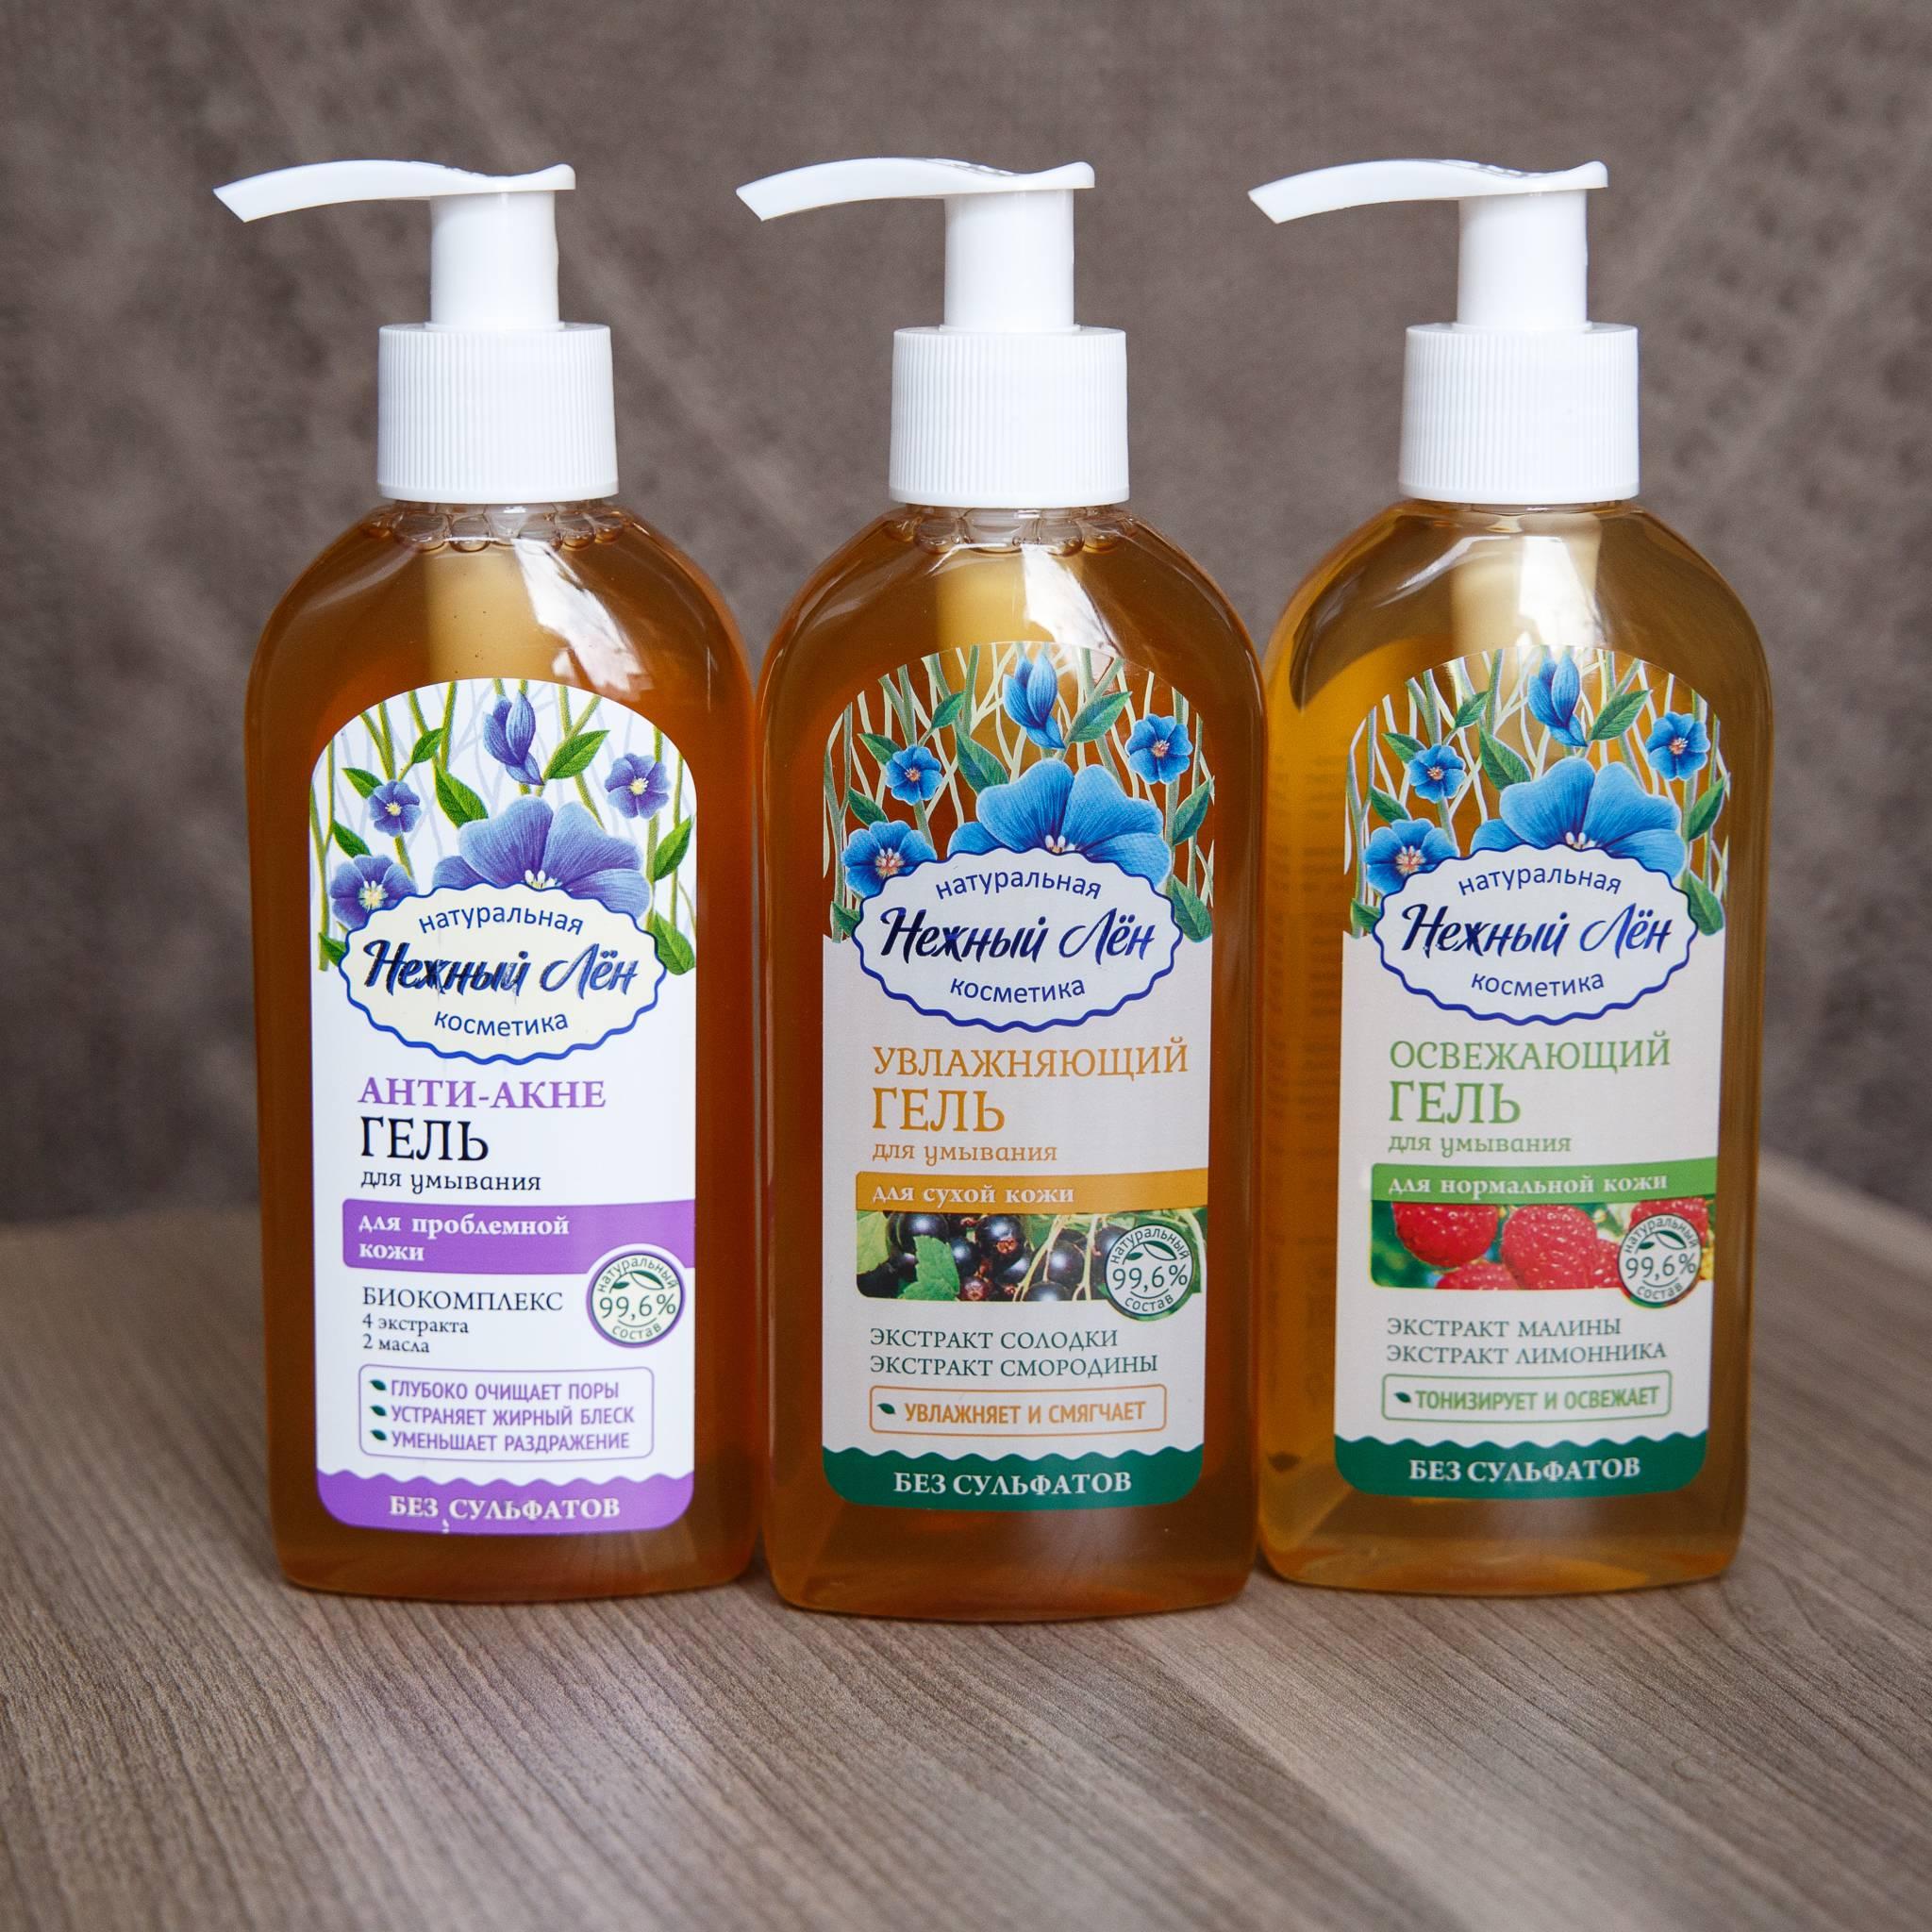 Лучшие средства для очищения кожи: какое выбрать